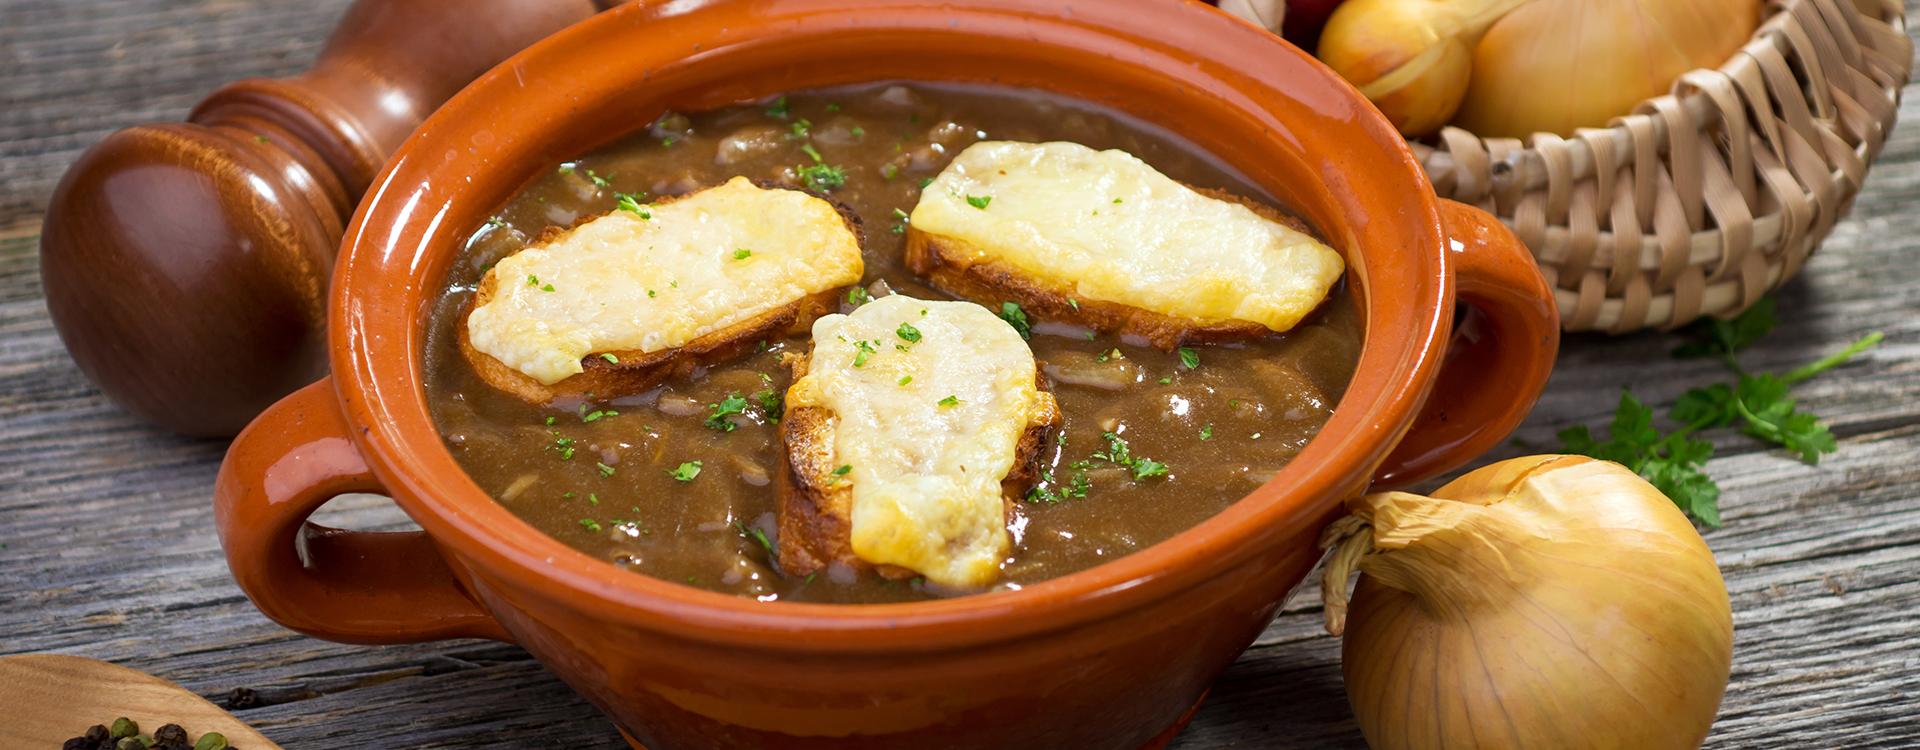 Francuska zupa cebulowa - przepis